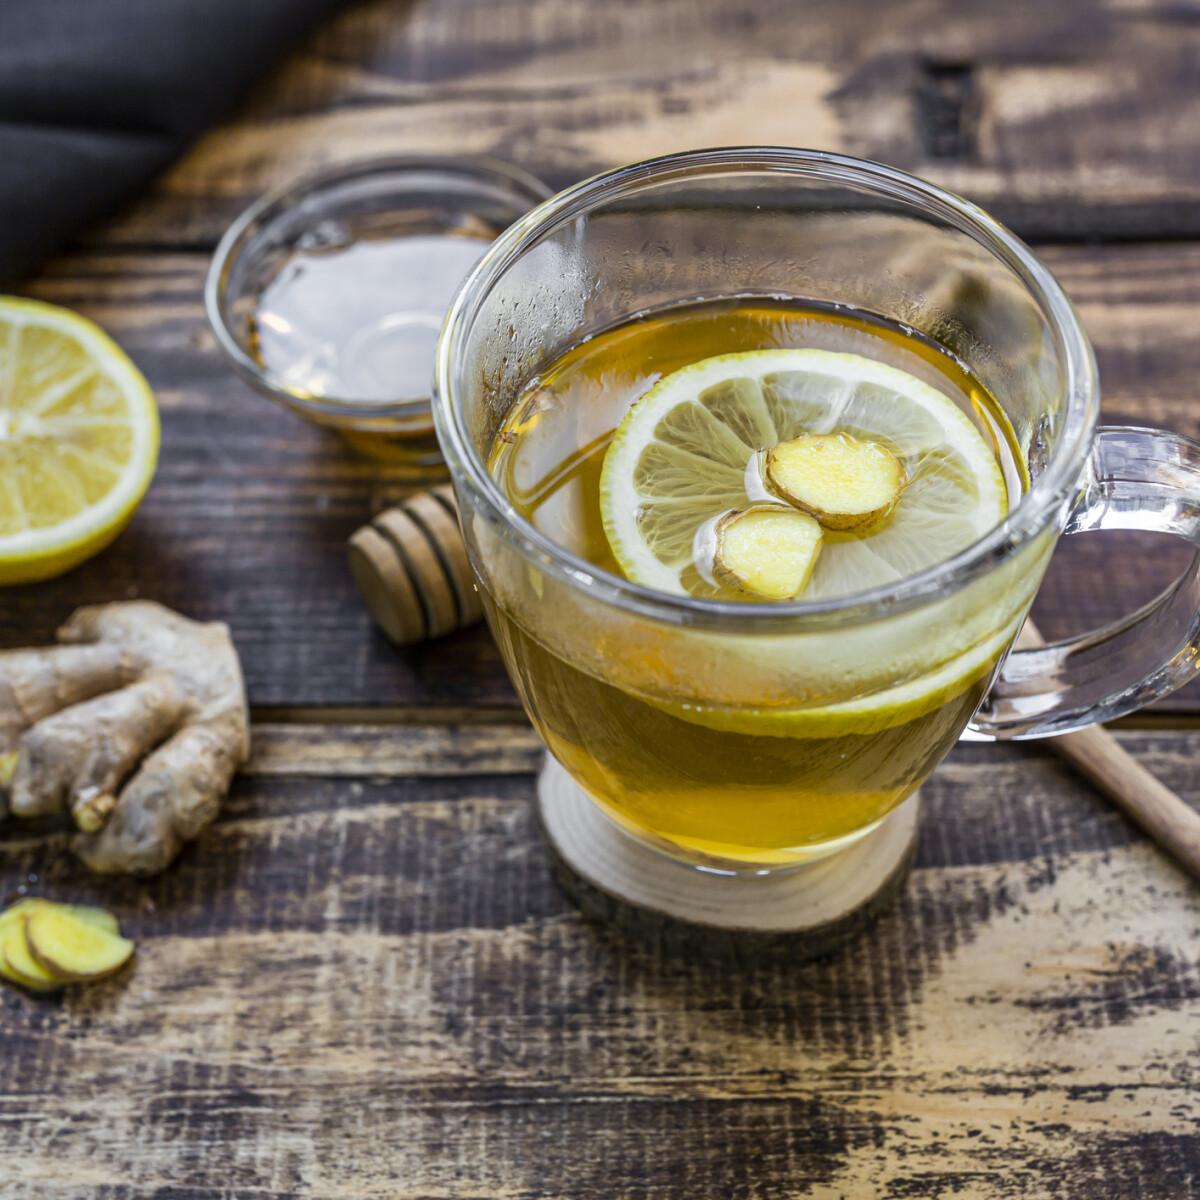 Ezek a teák a legjobbak, ha megfáztál